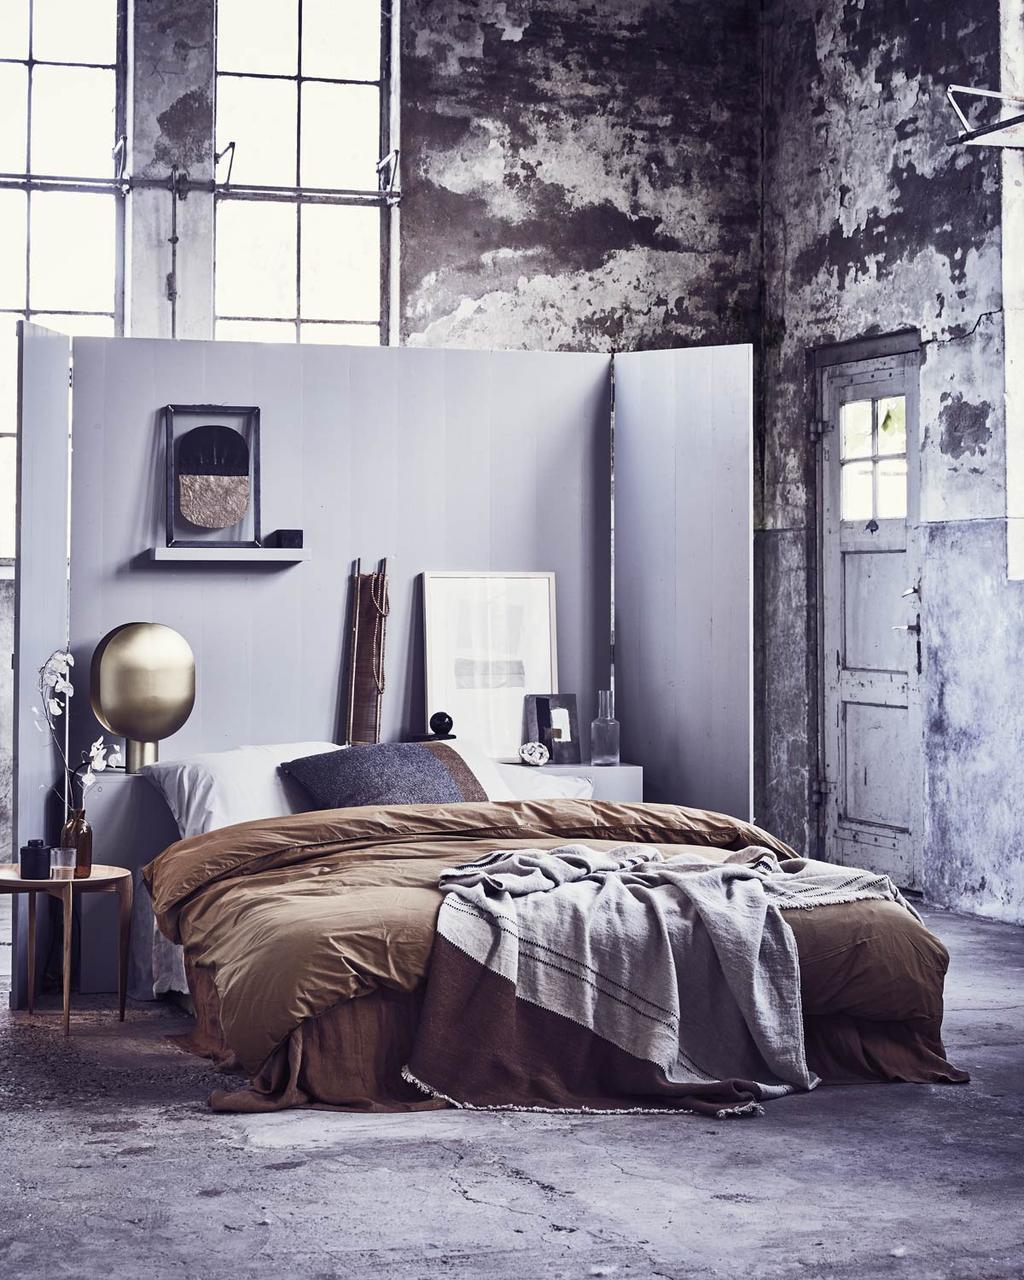 Kunst aan de muur boven het bed in de slaapkame rmet donkere, blauwe en roestbruine kleuren.